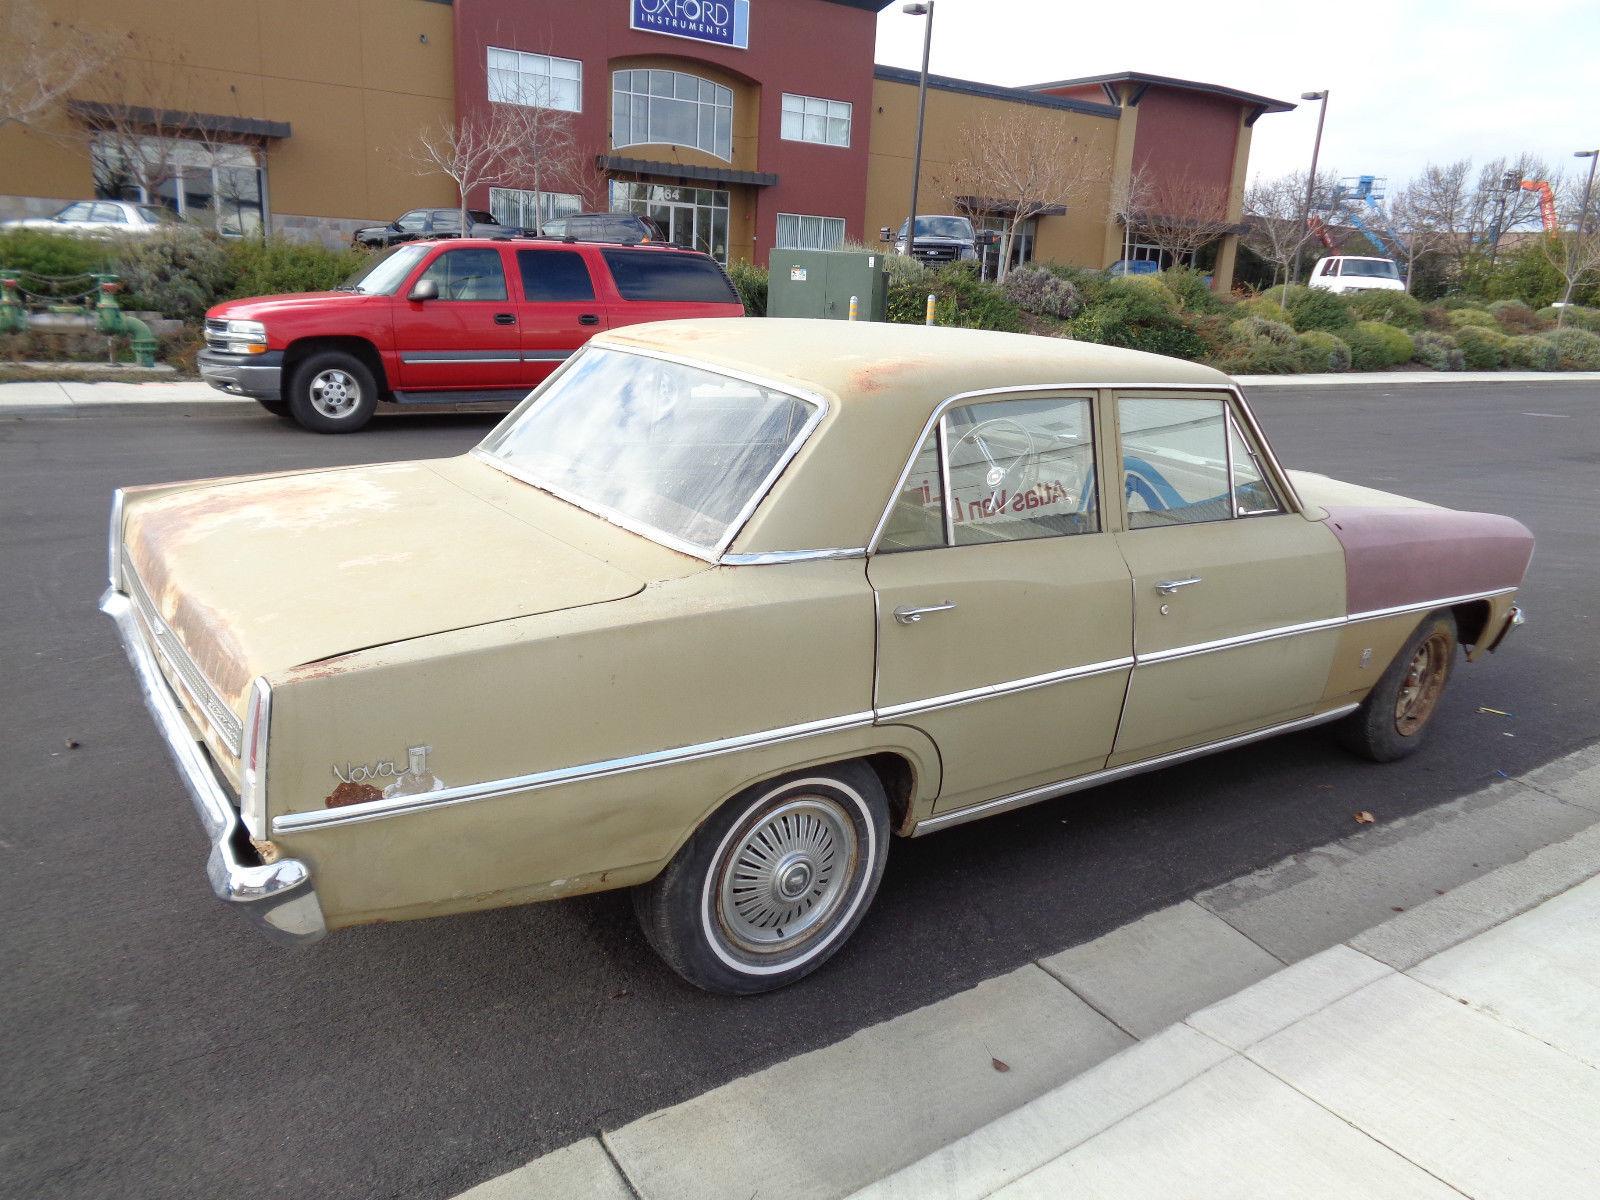 1967 chevy nova 4 door project car runs and drives. Black Bedroom Furniture Sets. Home Design Ideas